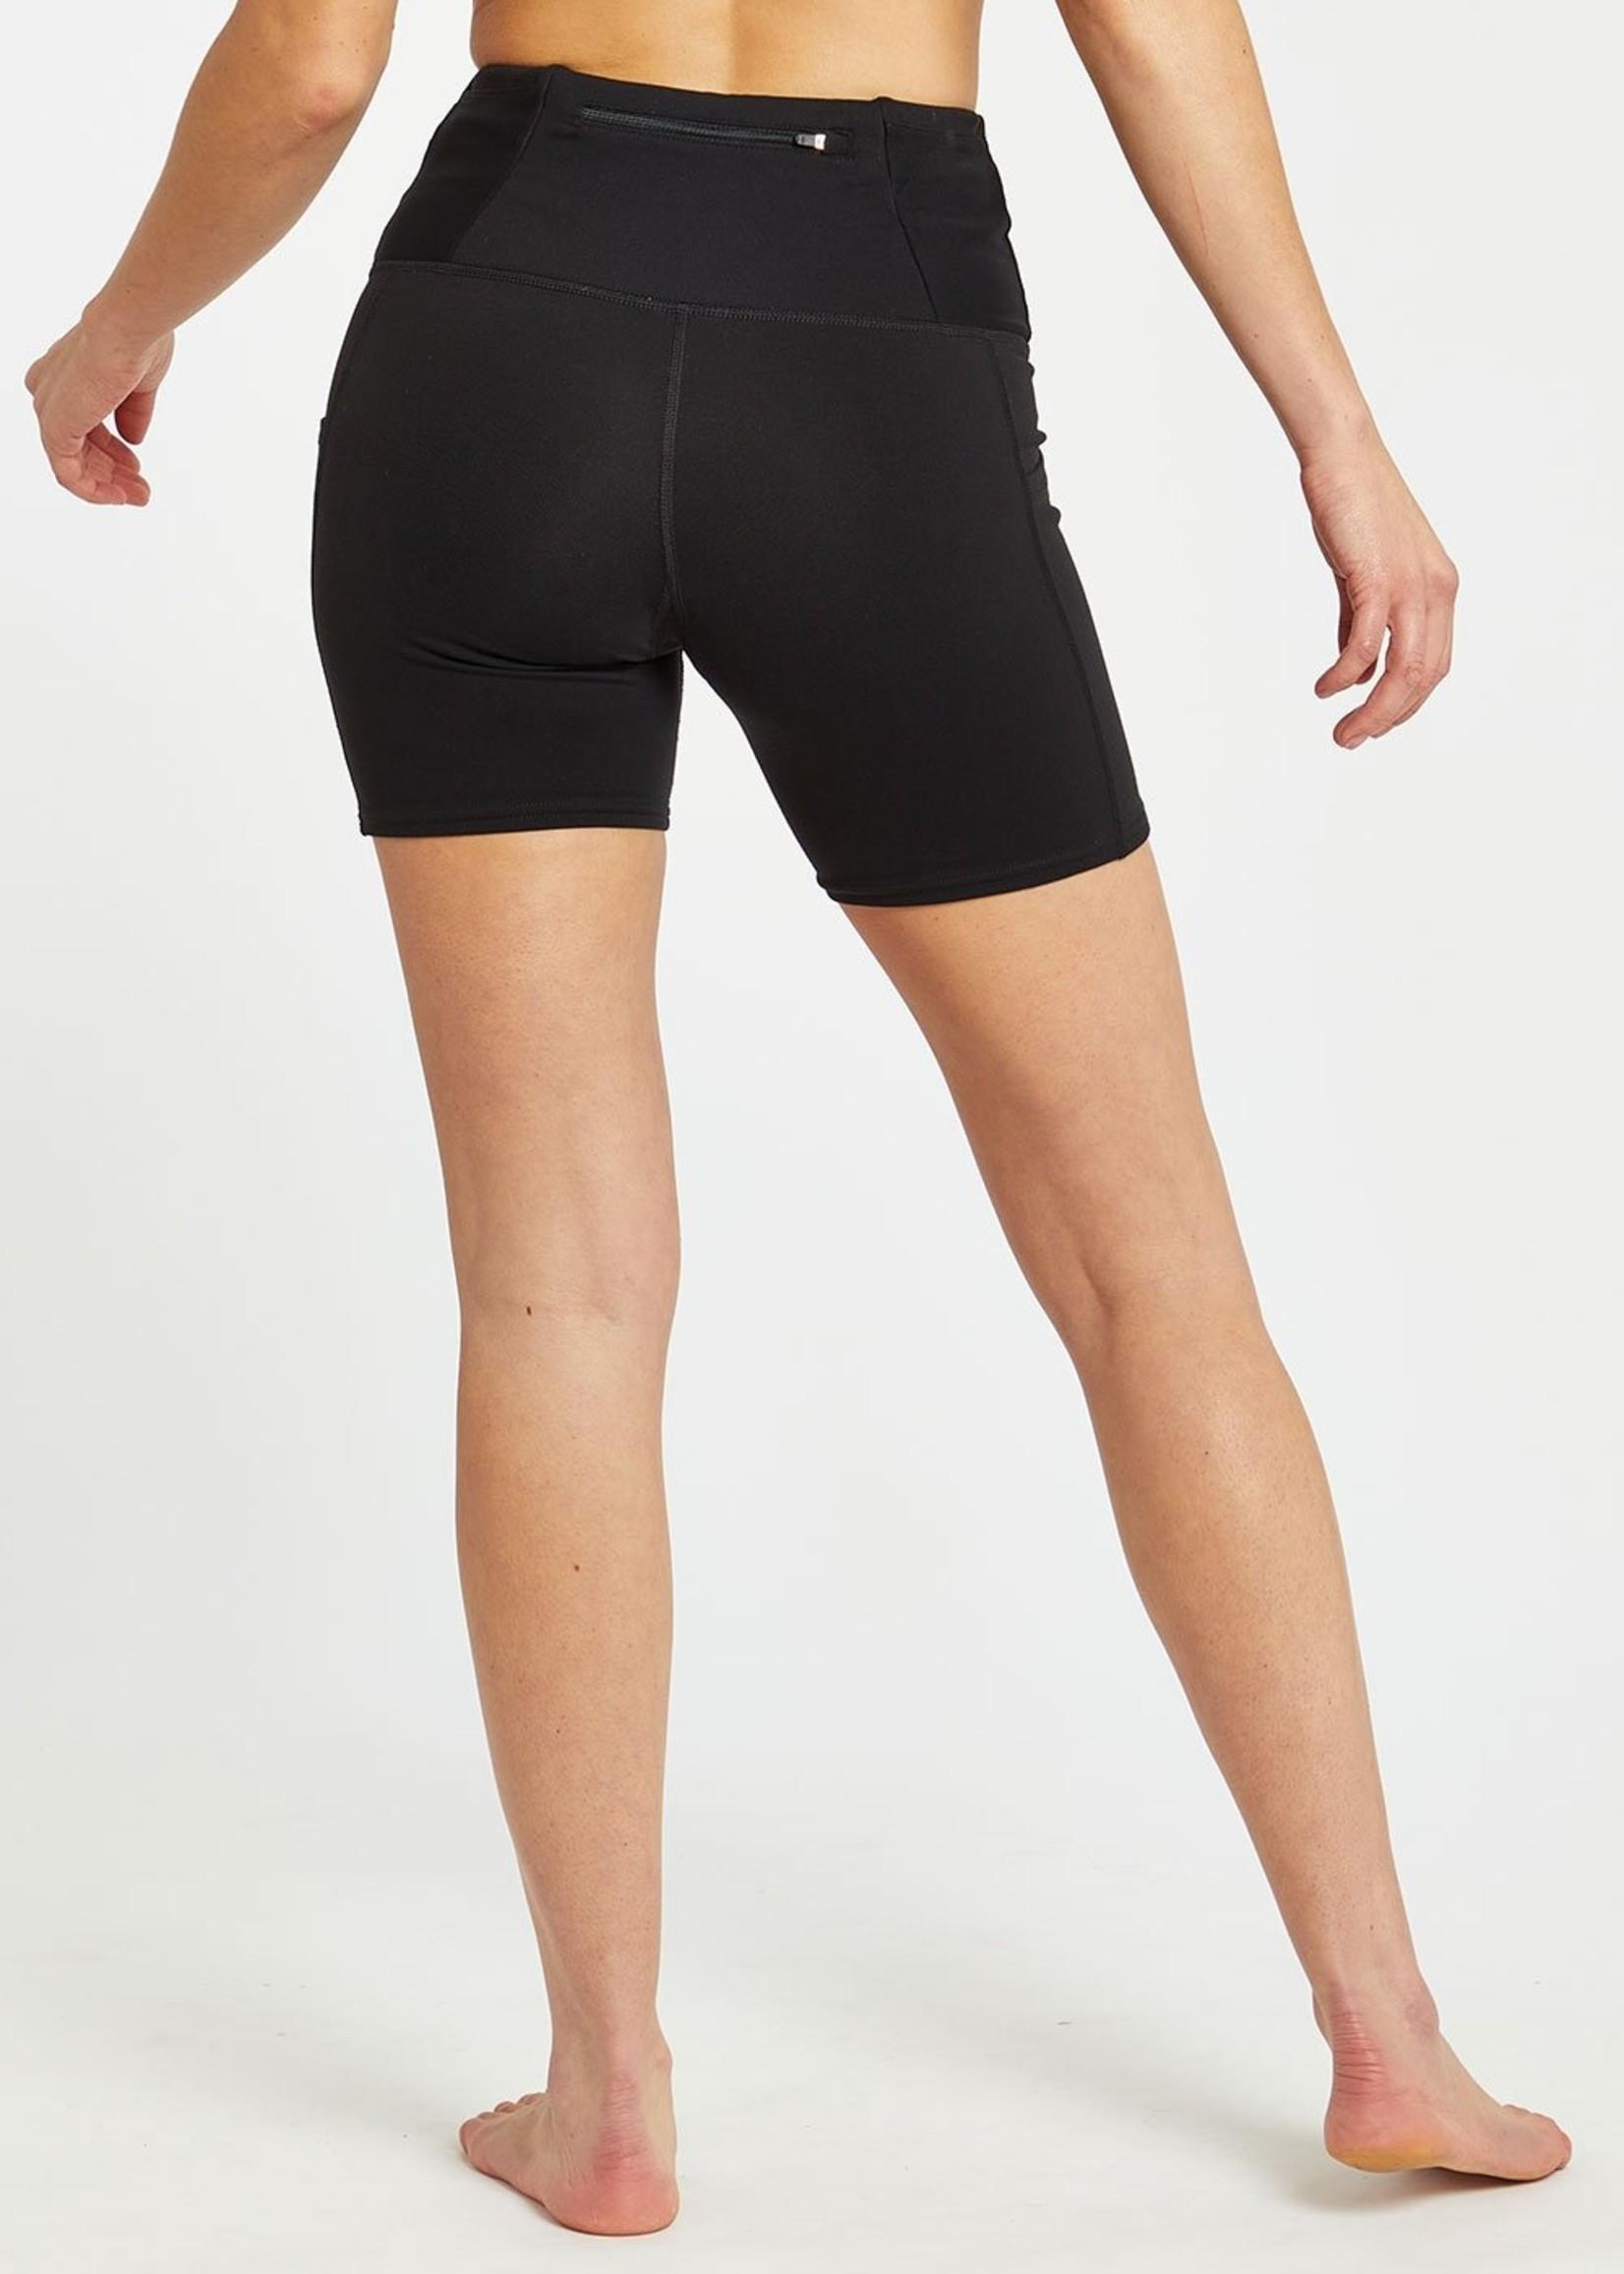 Oiselle Running, Inc. Oiselle S21 Pocket Jogger Shorts